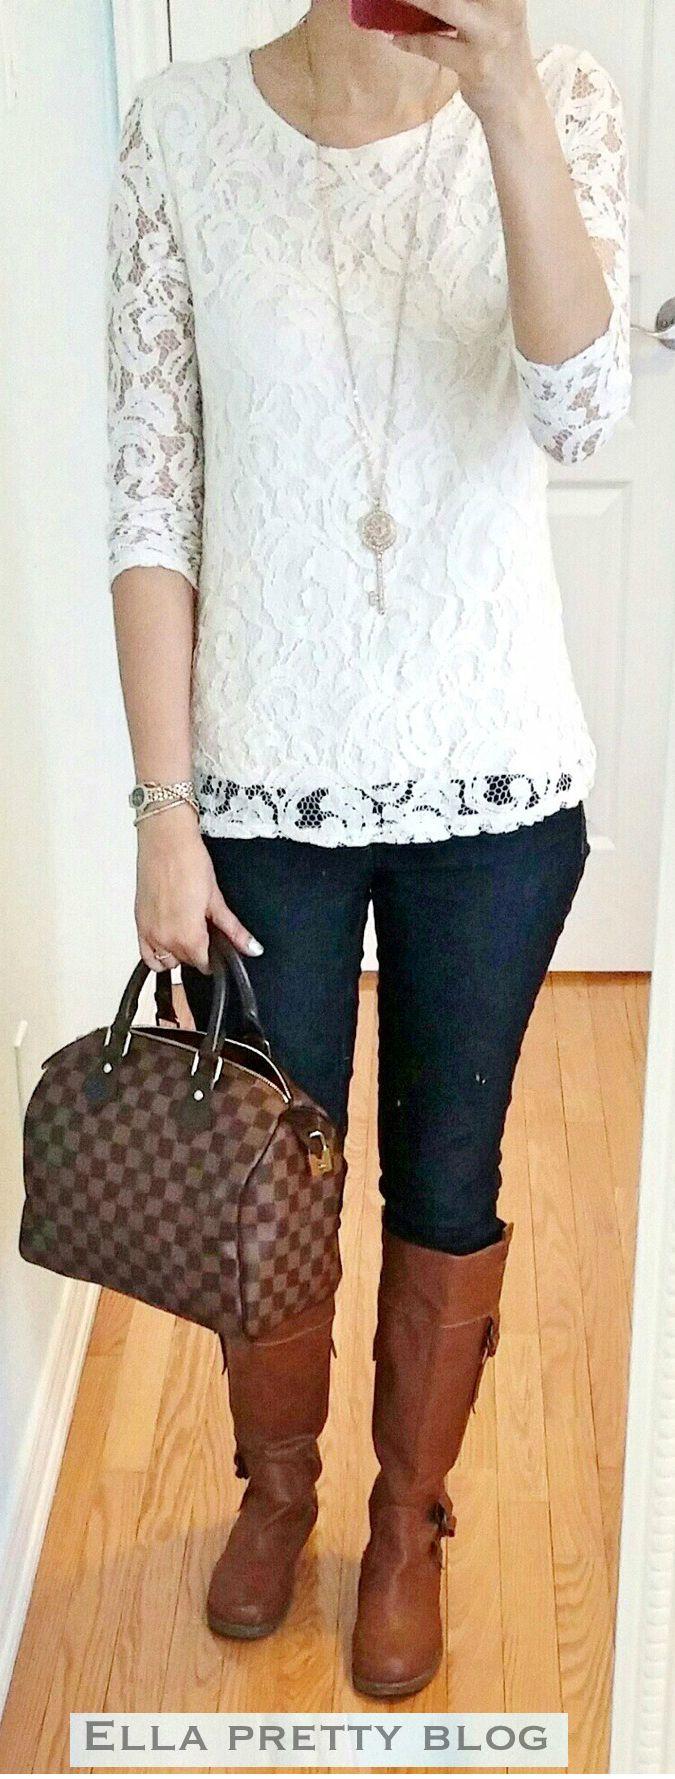 d83278103 A Tale of Two Bags - Louis Vuitton Speedy 25 in Damier Ebene